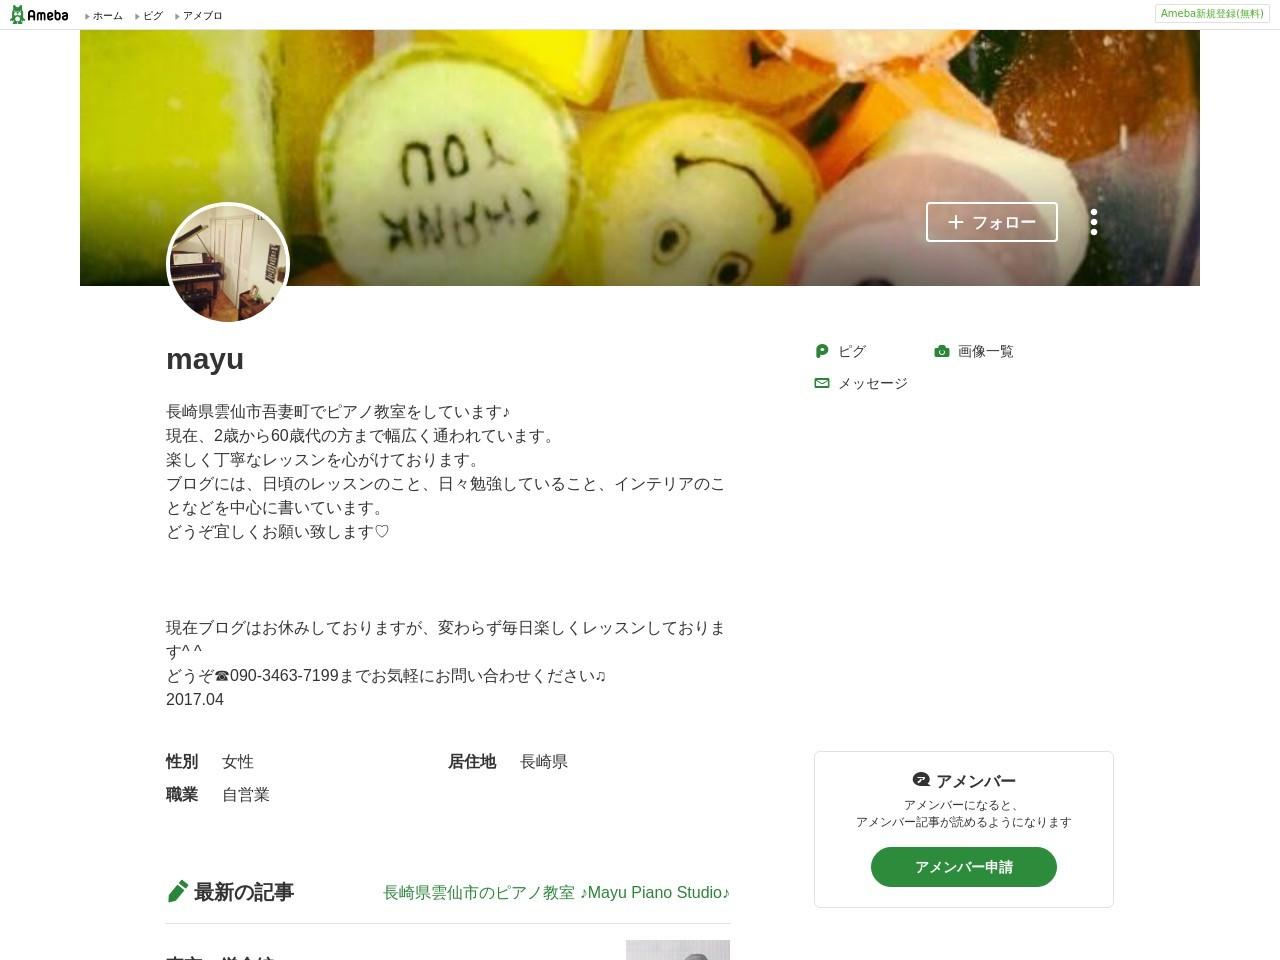 Mayuピアノスタジオのサムネイル